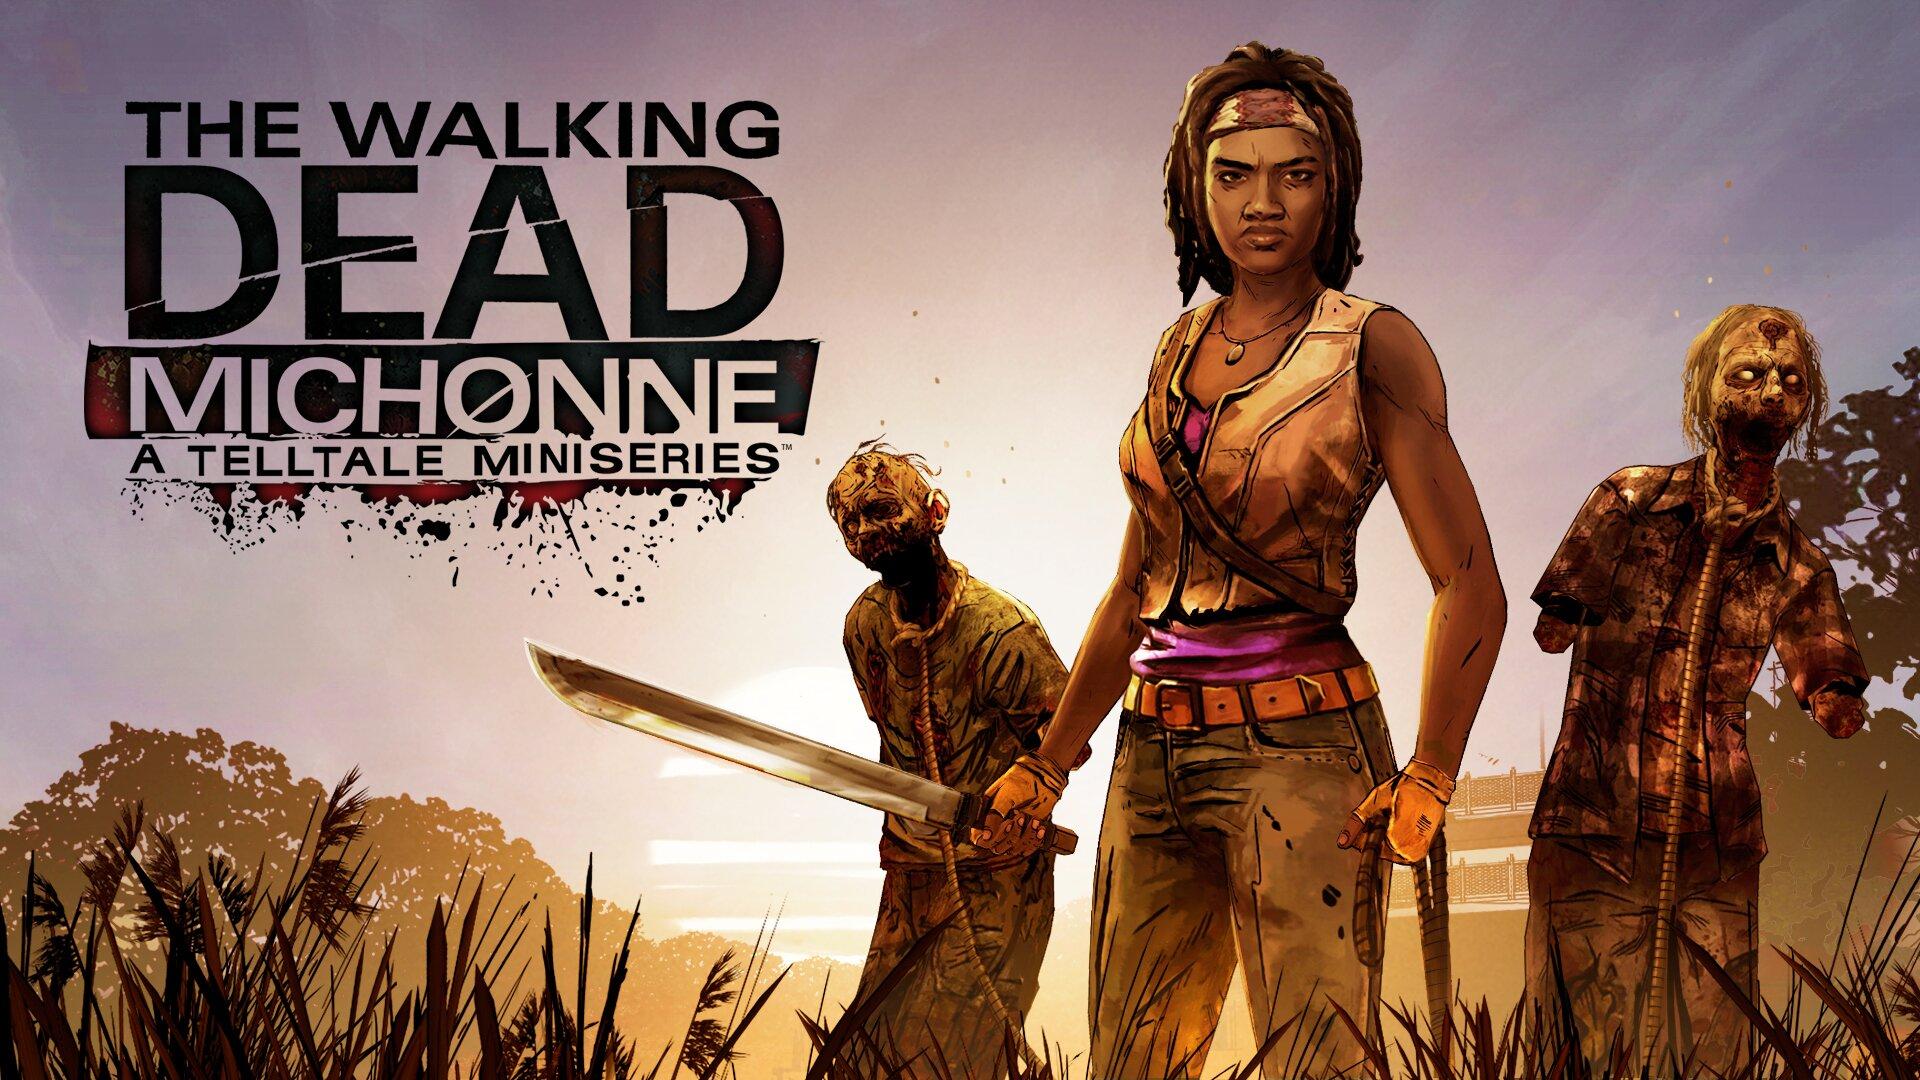 The Walking Dead Michonne Episode 1 Türkçe Yama